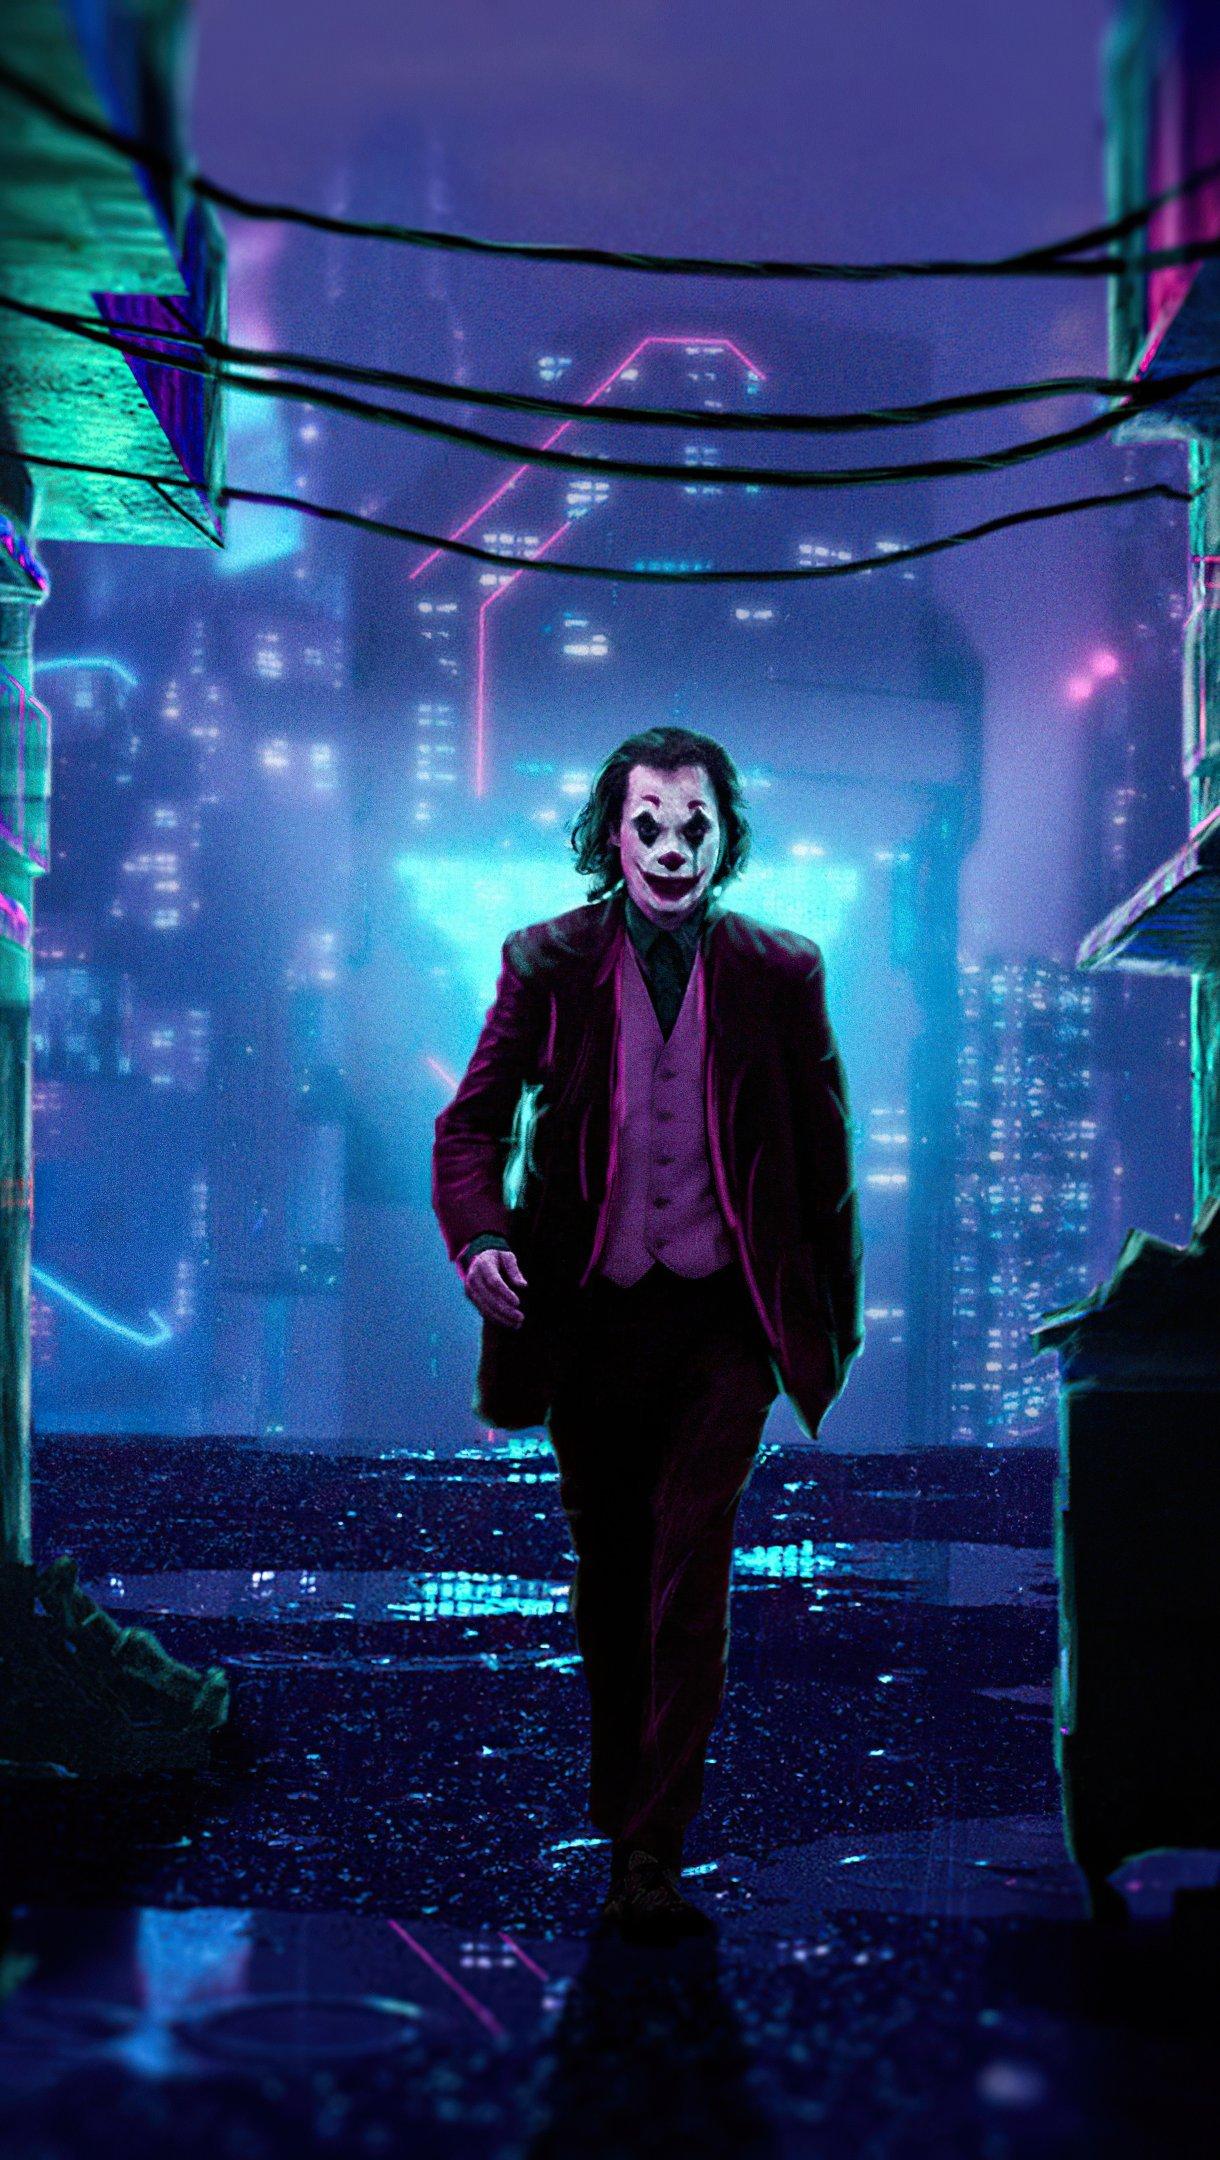 Wallpaper Joker x Cyberpunk 2077 Vertical